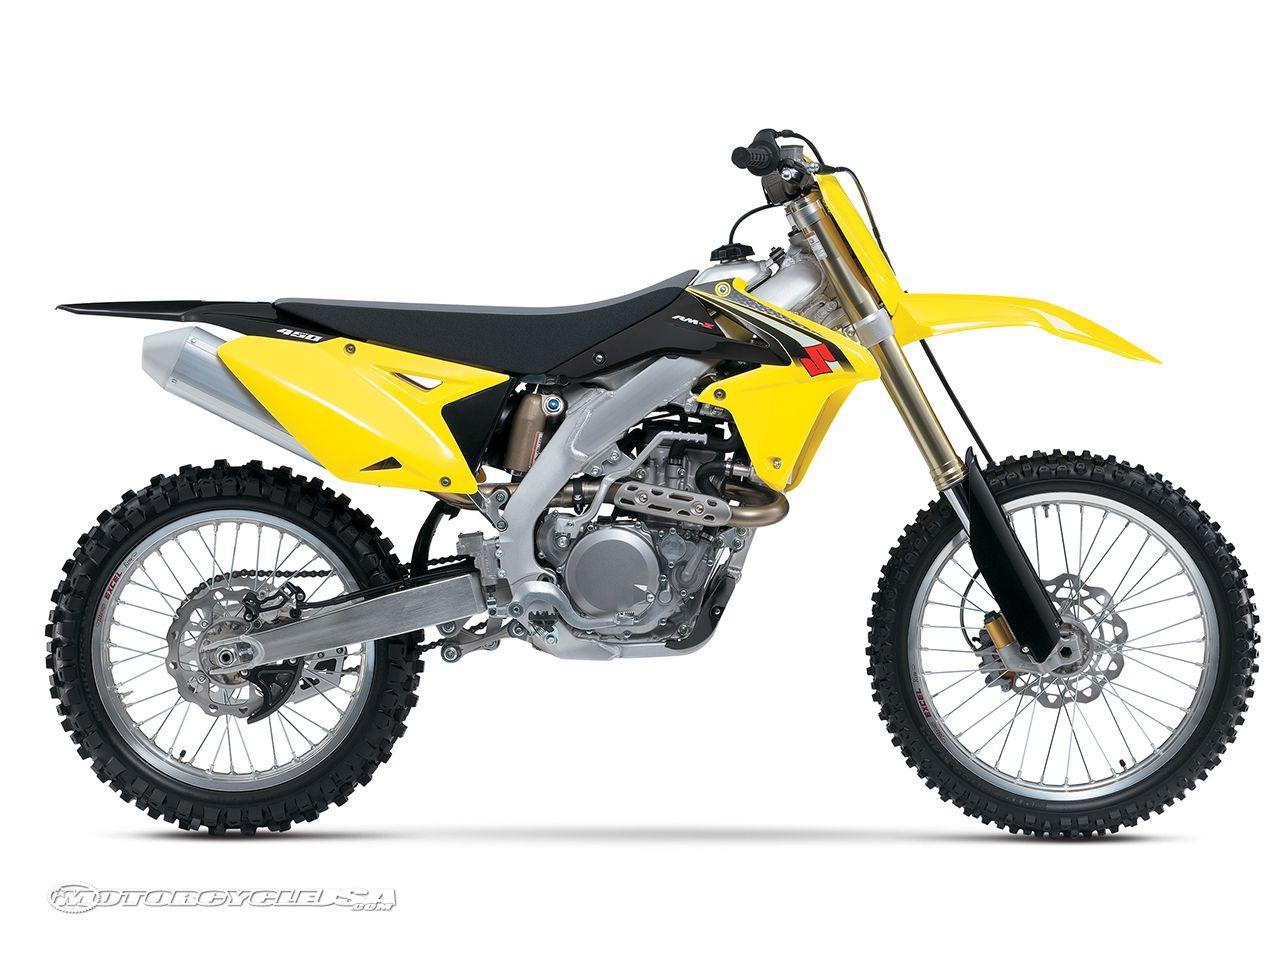 2016 suzuki rm z450